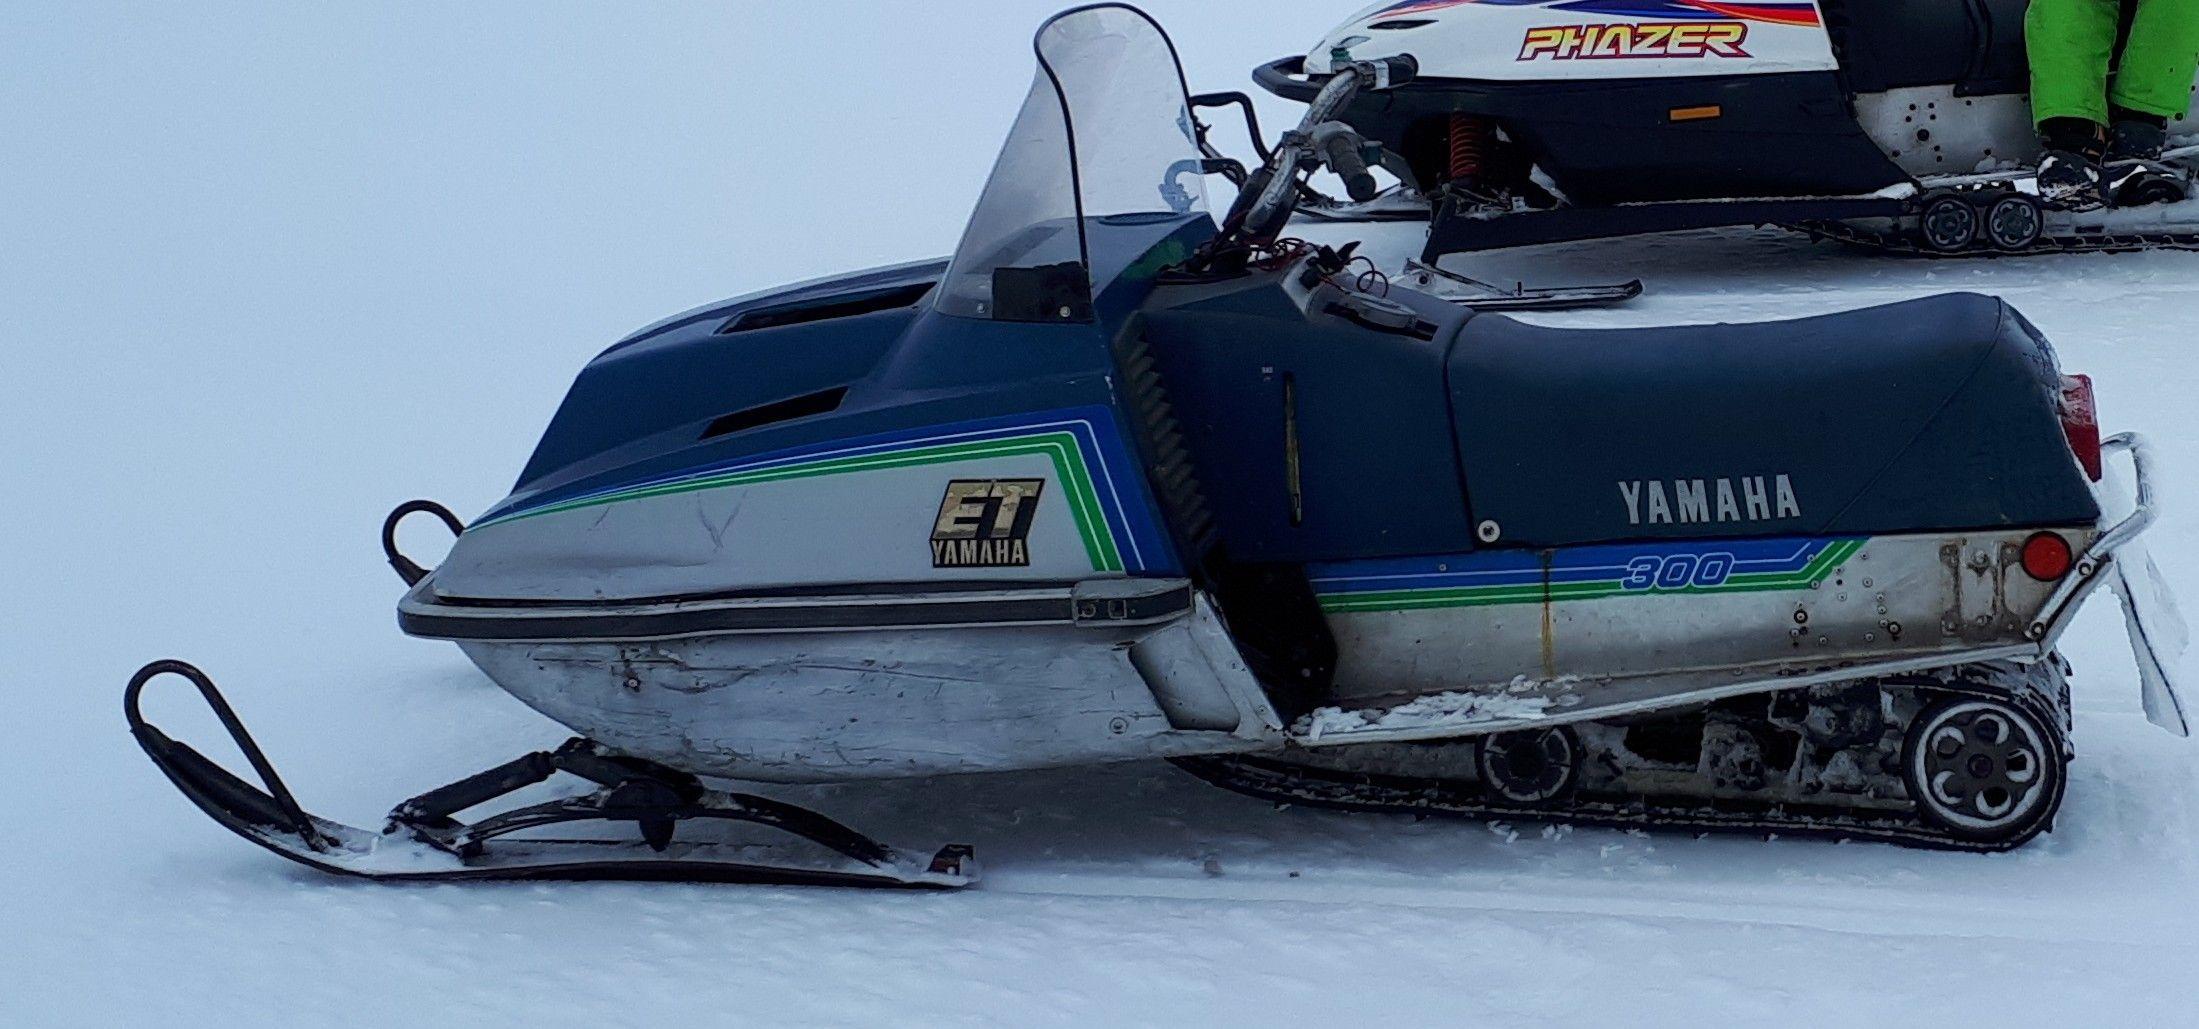 81 et 300 March 11 2018  | Snow machine, Vintage sled, Vintage